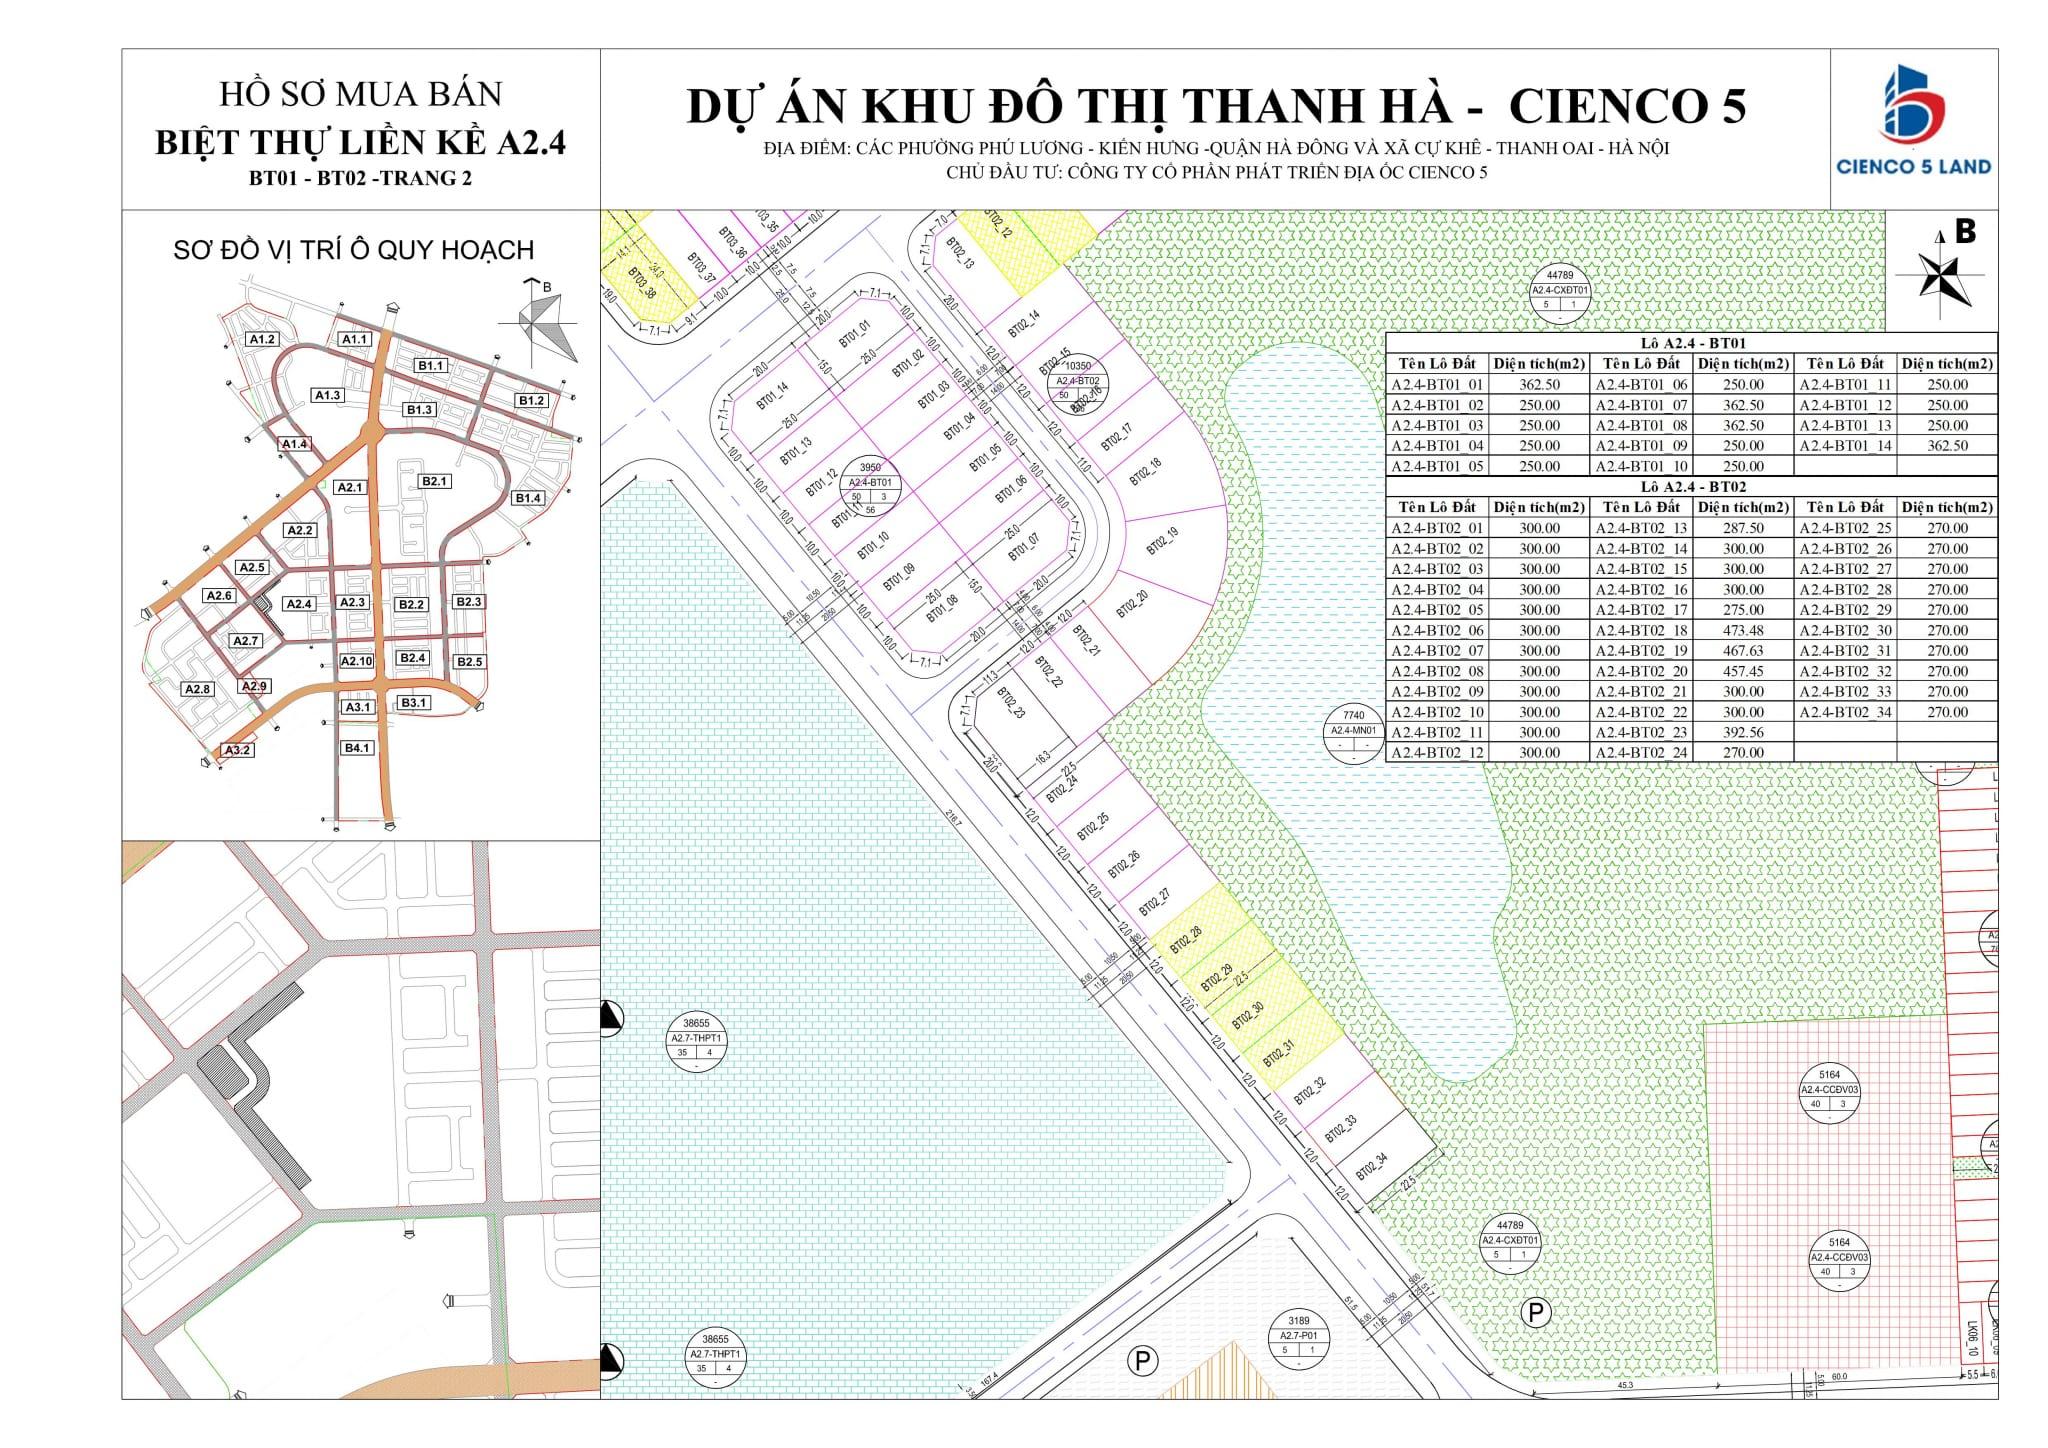 Sơ đồ Mặt bằng khu A2.4 liền kề biệt thự Thanh Hà vị trí BT01-BT02-2